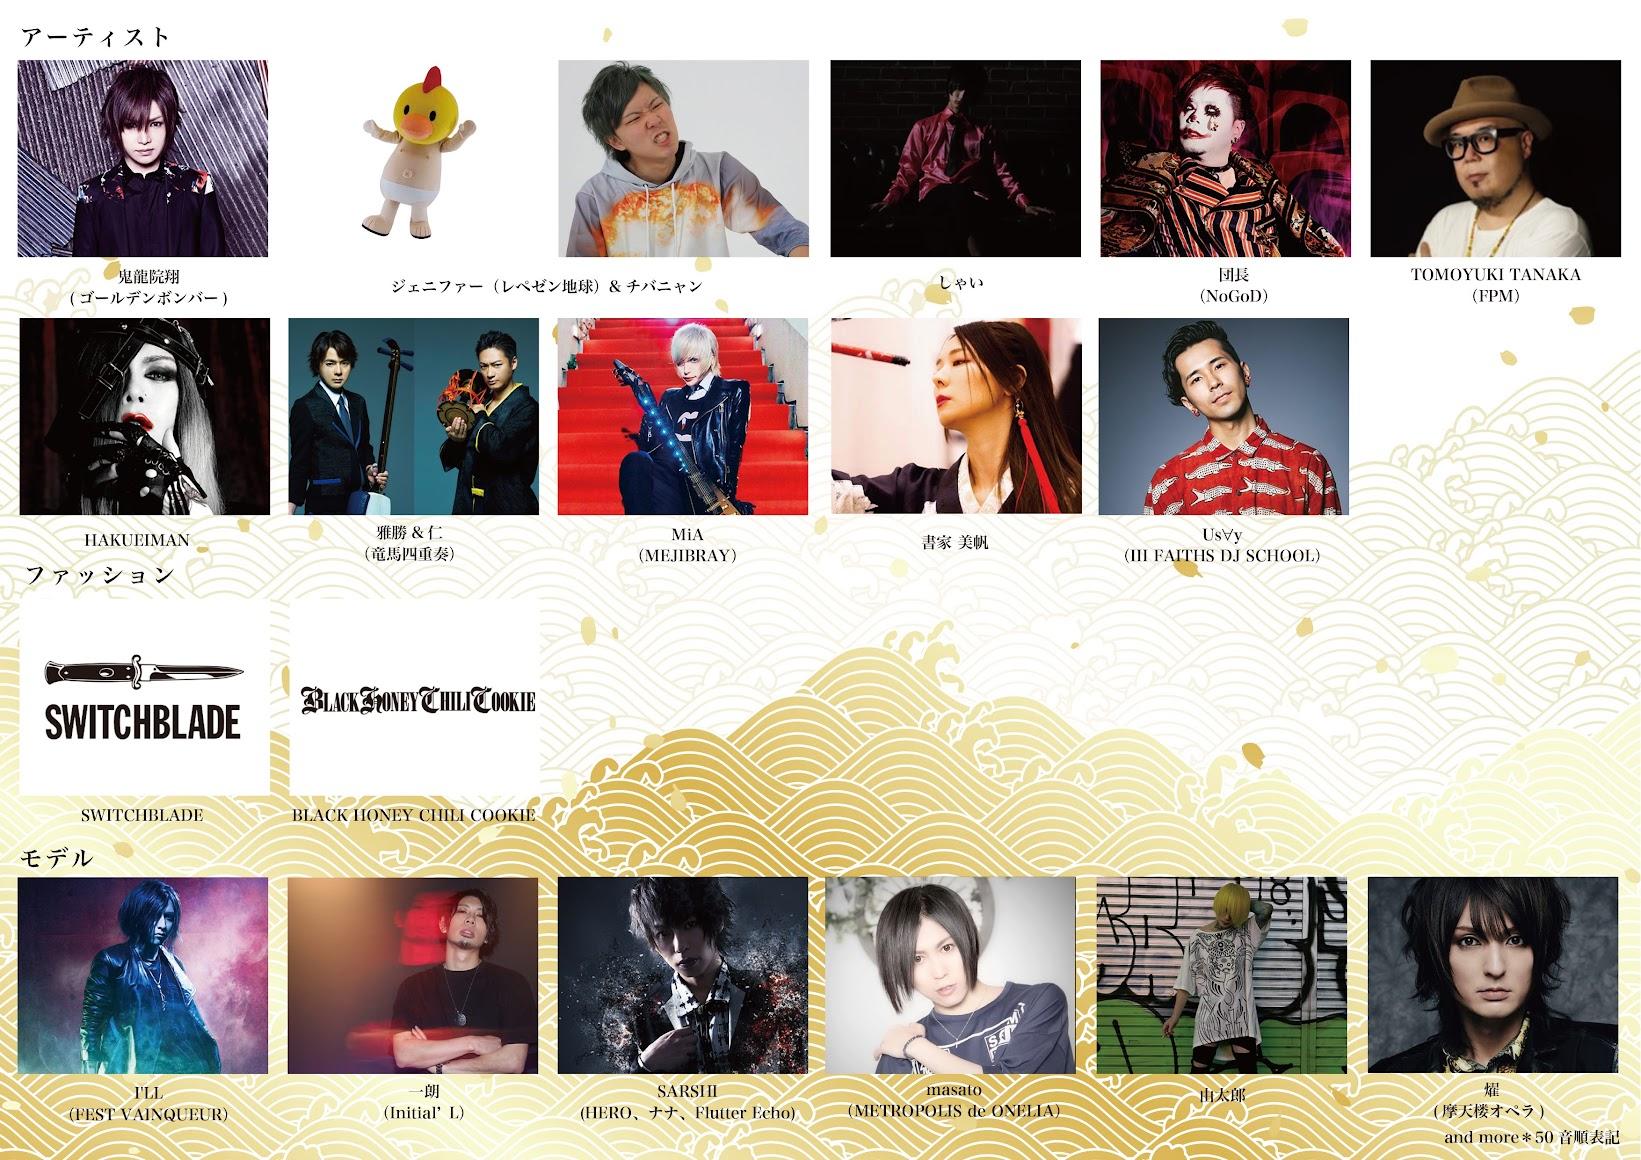 [迷迷音樂] 日本文化推廣活動「- 遊 嬉 宴 楽 -」3月底舉行 鬼龍院翔(金爆)、HAKUEI(PENICILLIN)